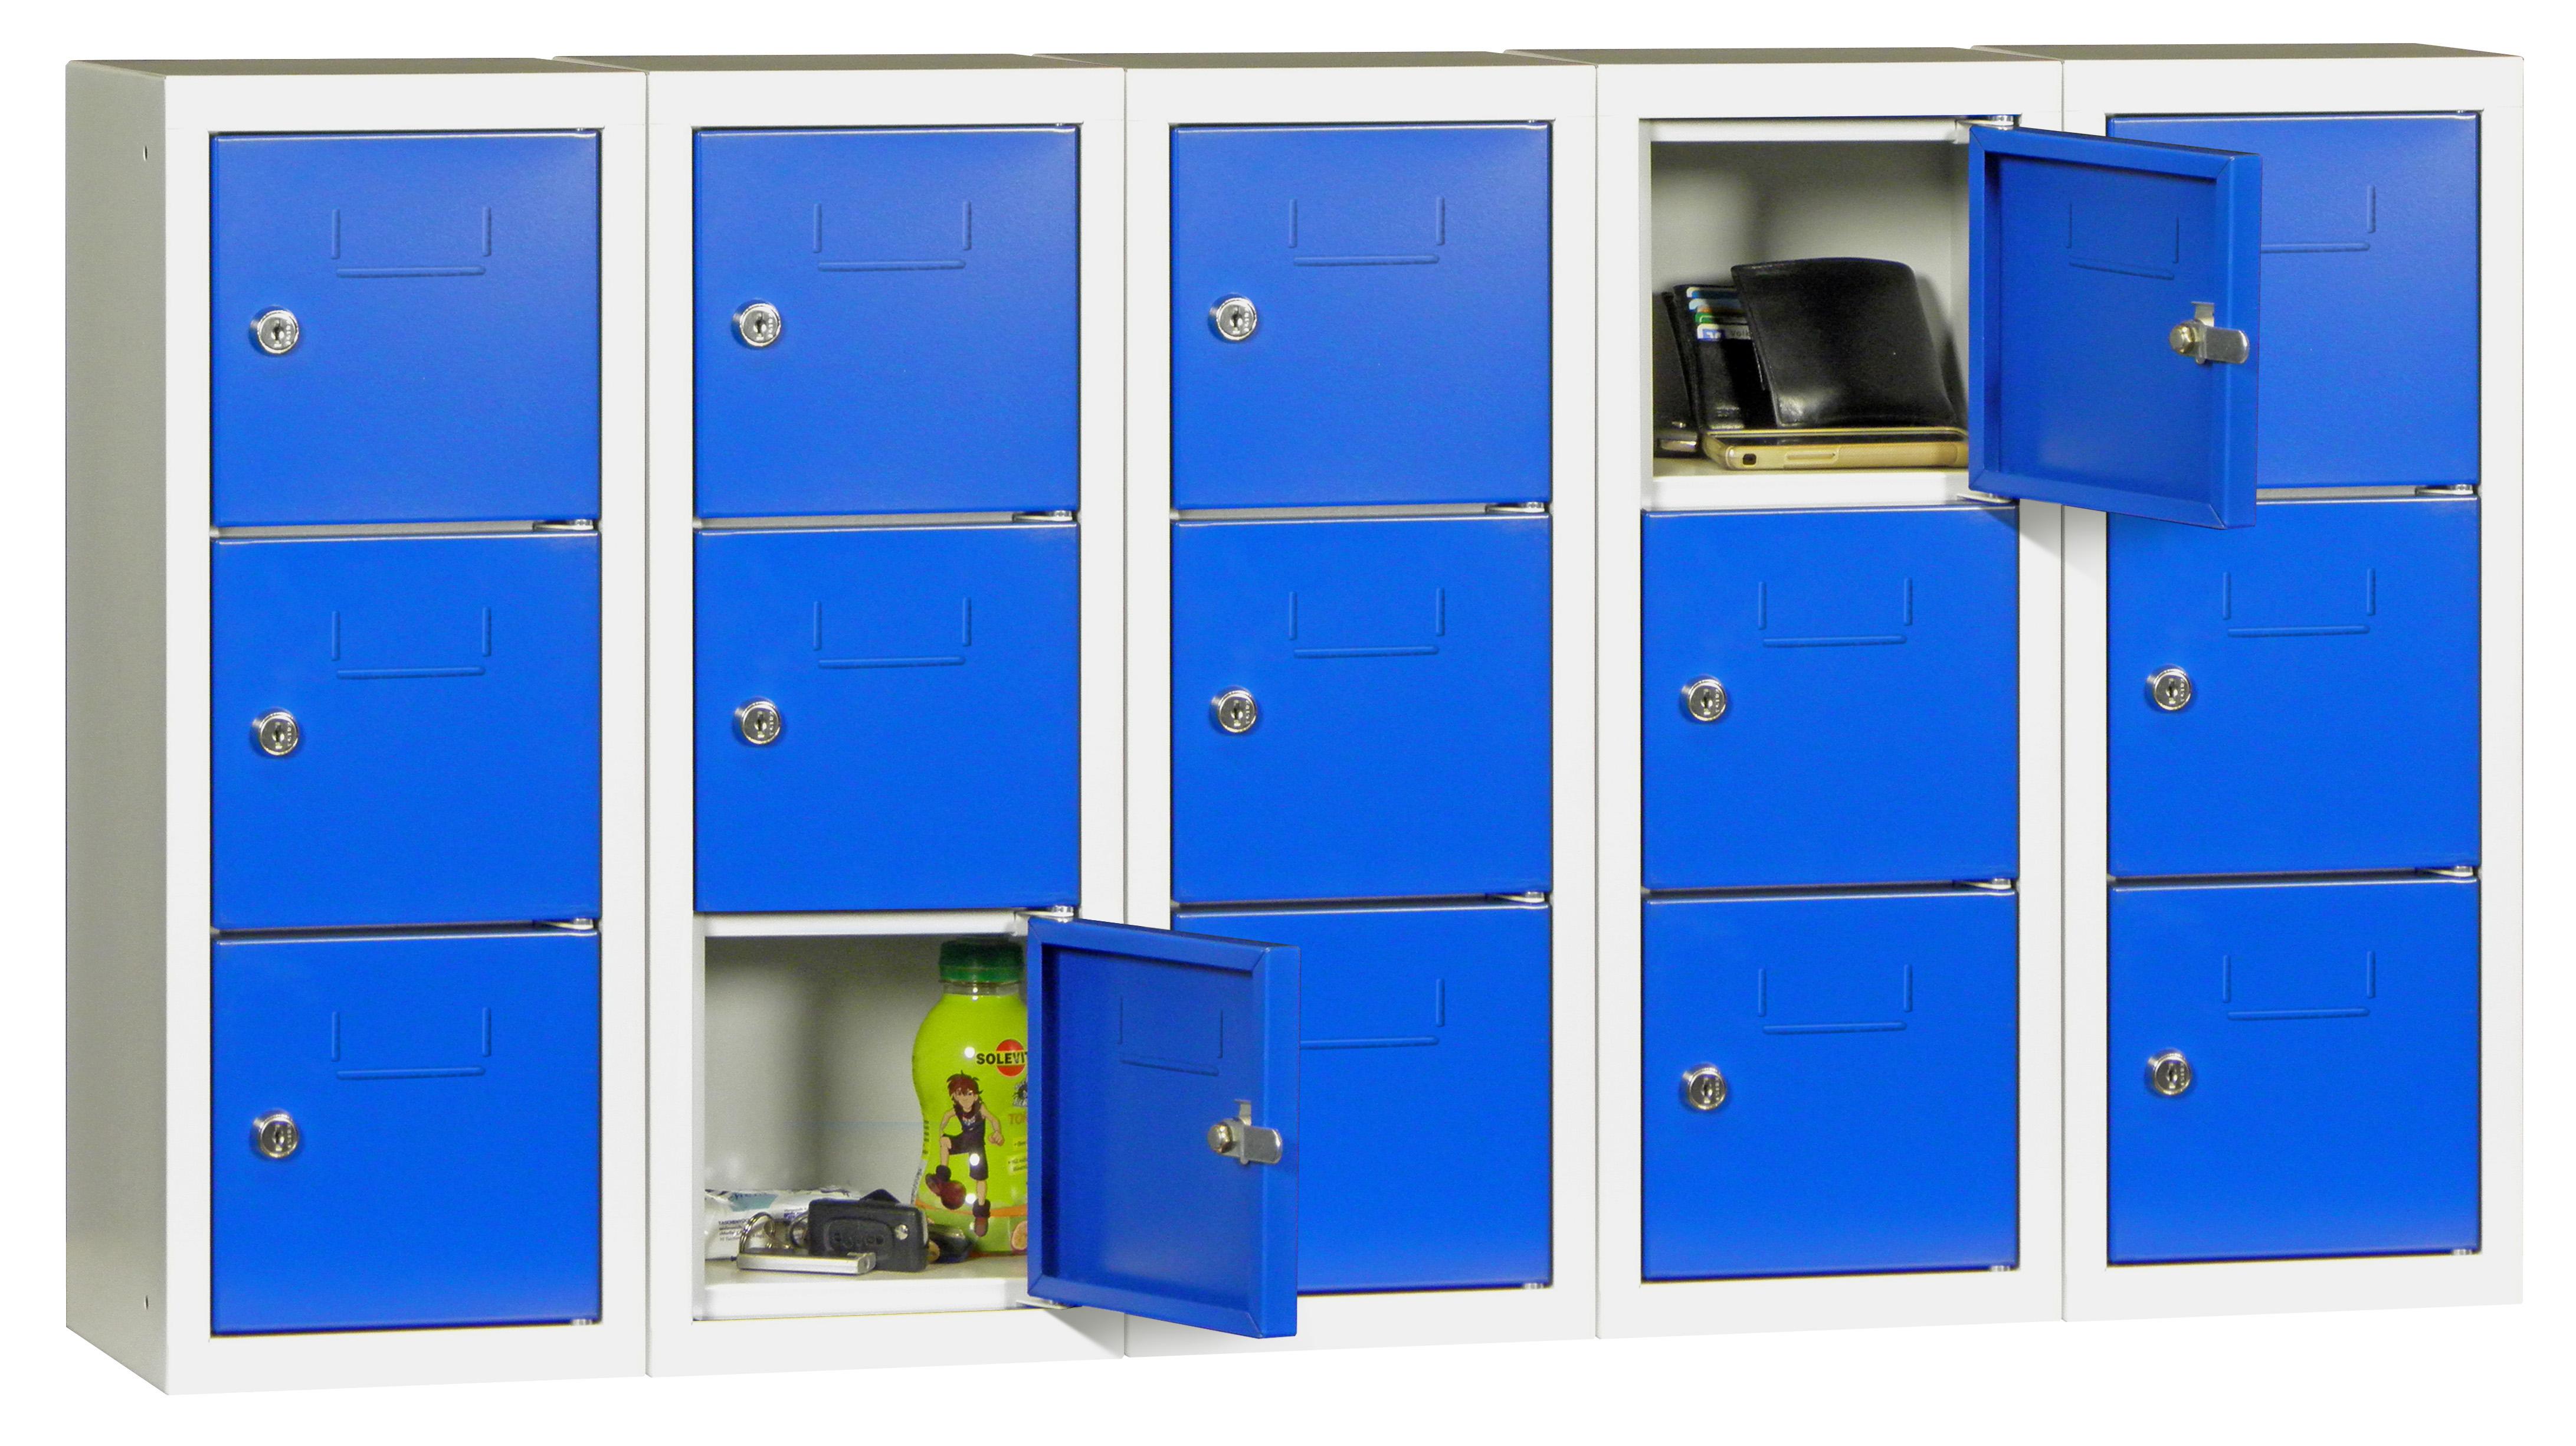 Mini-Wertfachschrank 15 Fächer HxBxT: 598 x 1125 x 200 mm, Münzpfandschloß | günstig bestellen bei assistYourwork